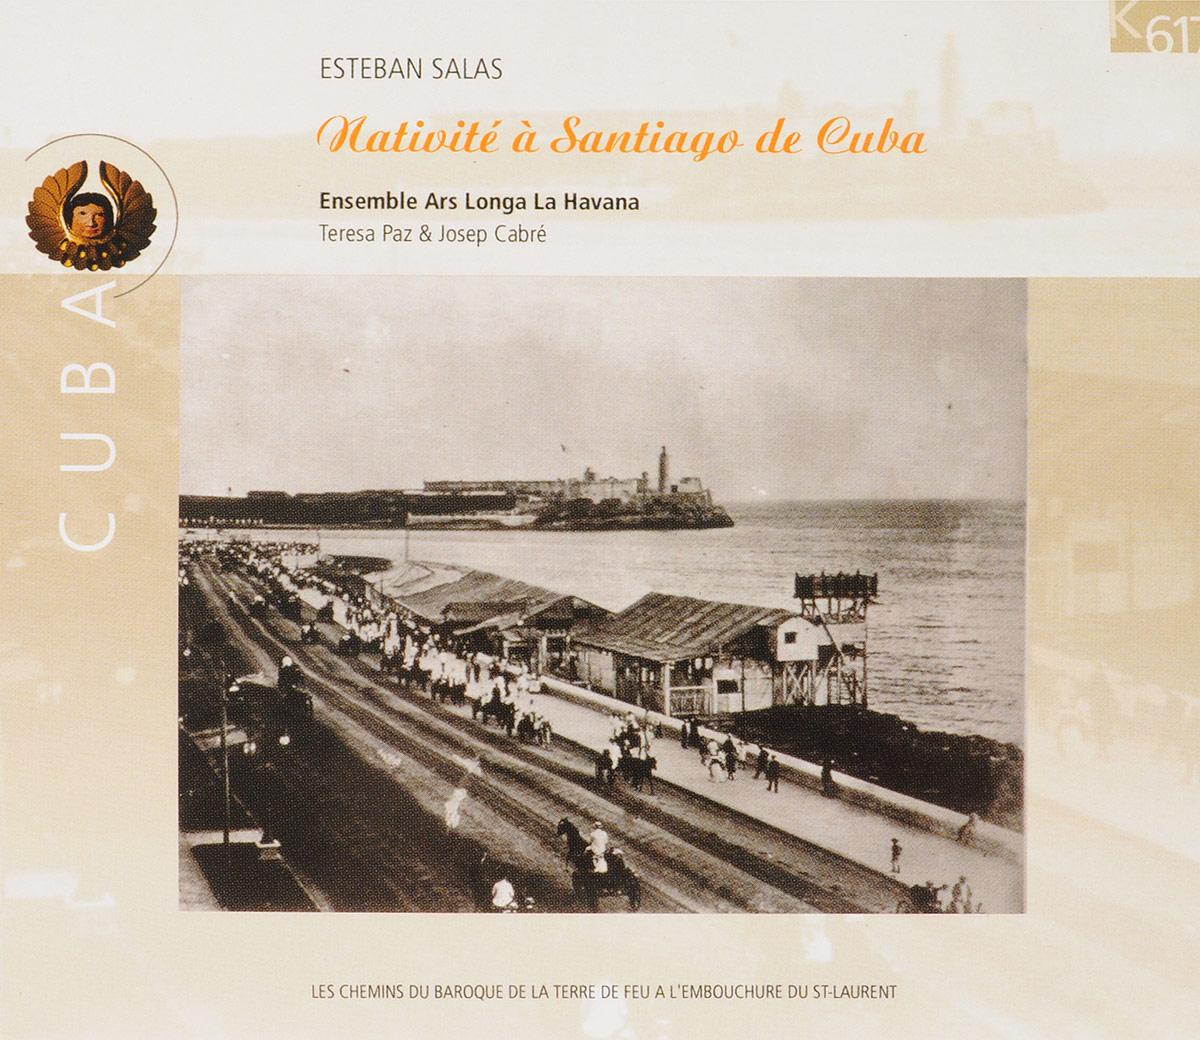 Исполнитель: VARIOUSАльбом: SALAS / NATIVITE A SANTIAGO DE CUBAПроизводитель: K617